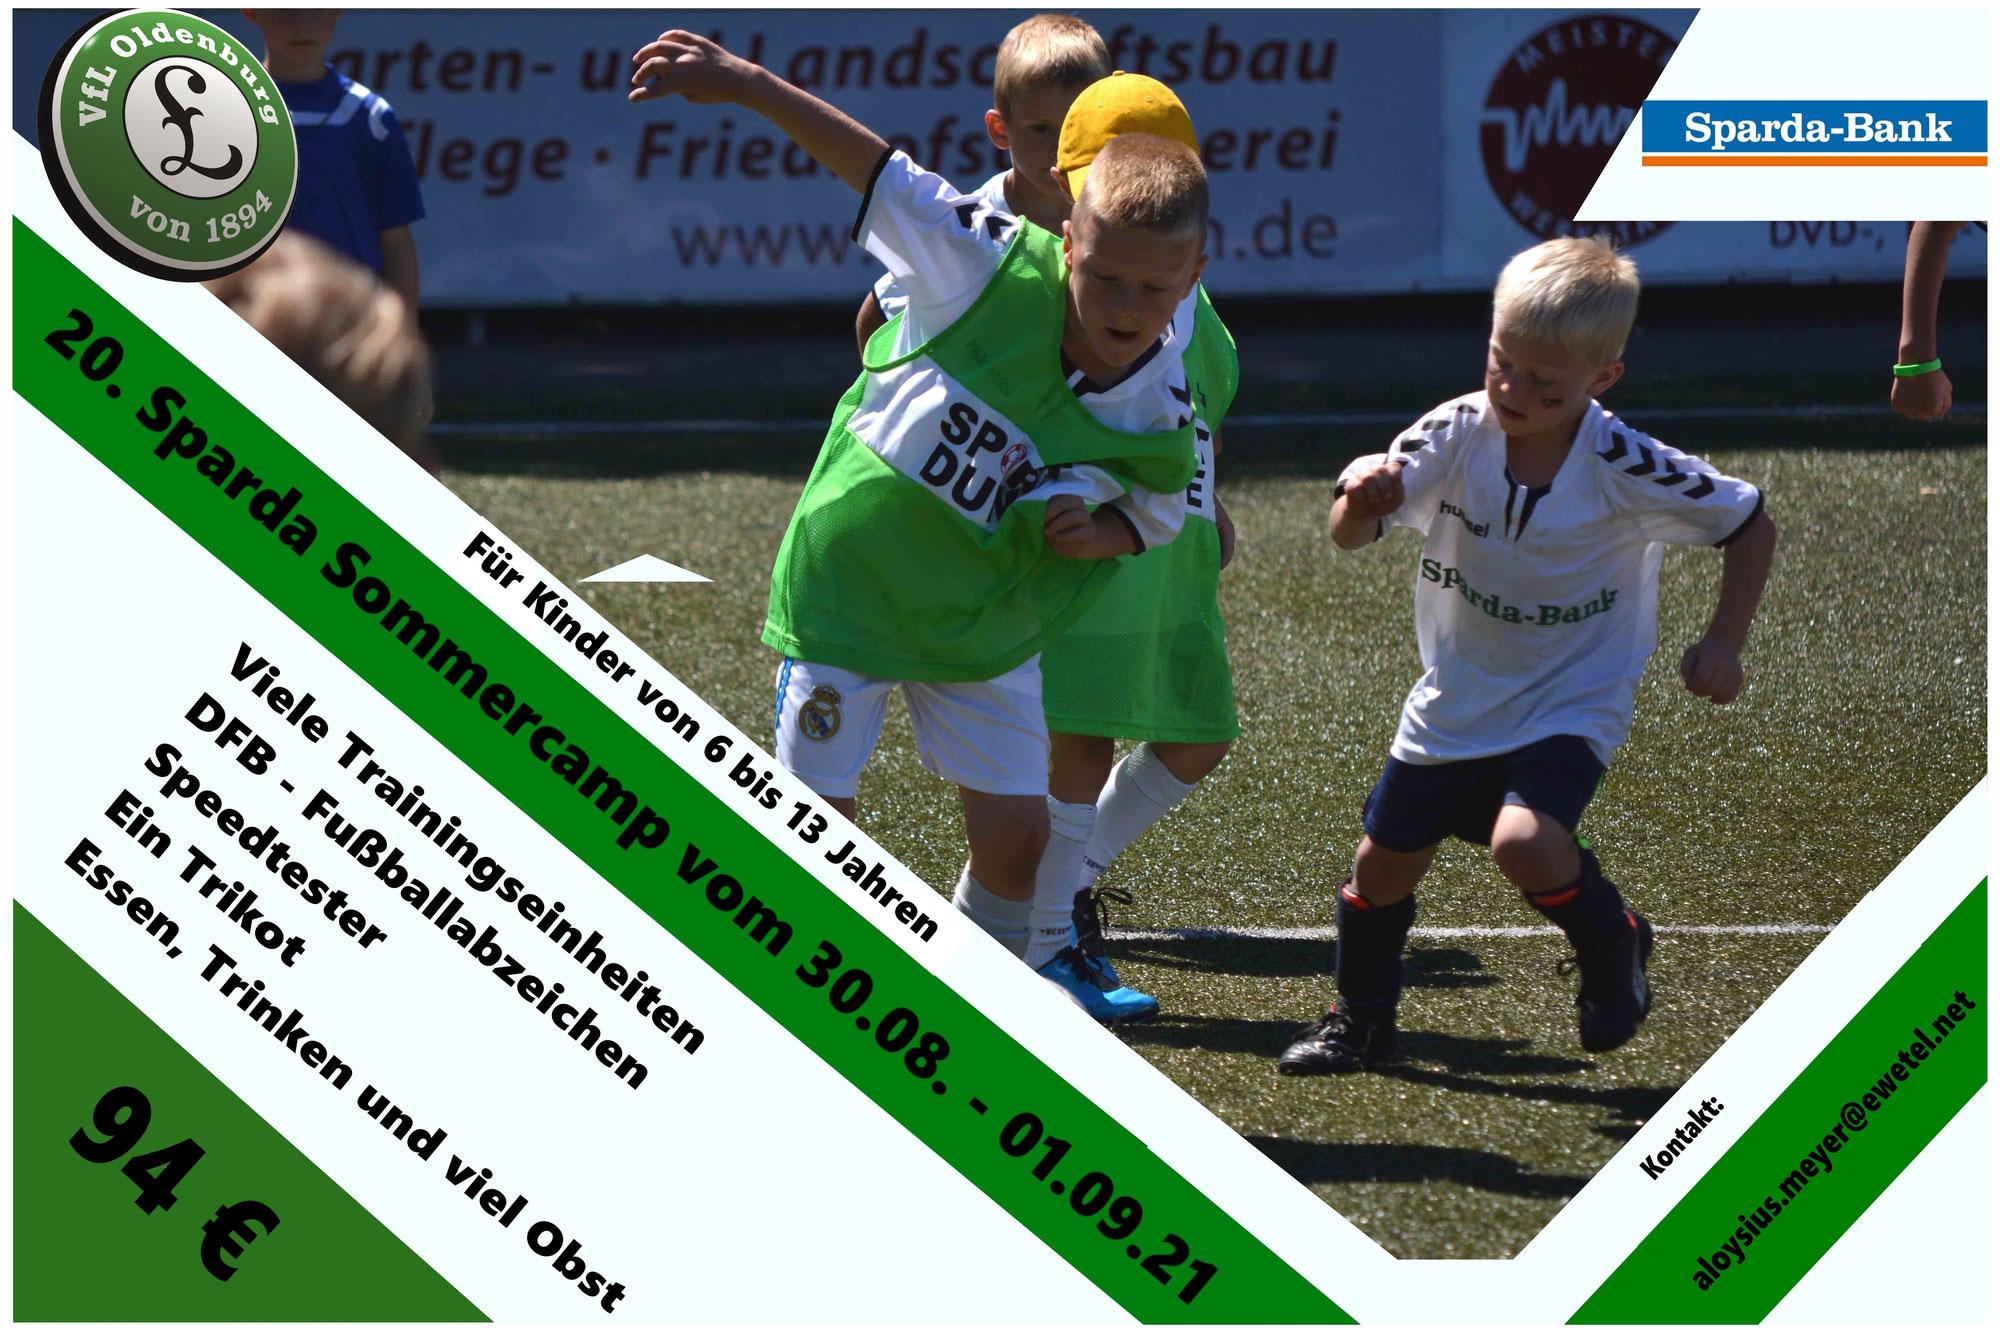 20. Sparda - Sommercamp des VfL Oldenburg vom 30.08. bis zum 01.09.21